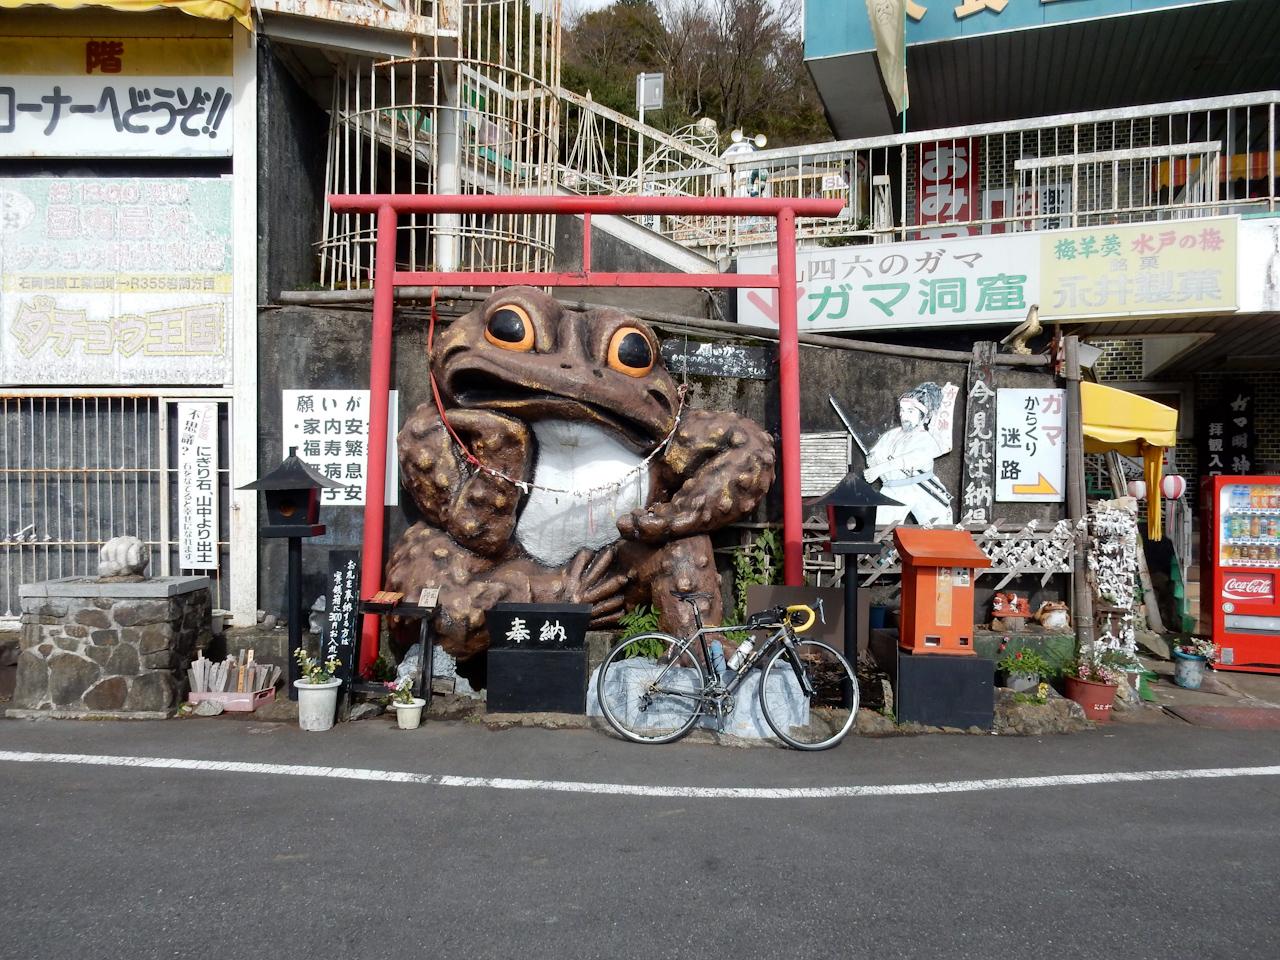 筑波山 ヒルクライム つつじヶ丘 ガマガエル